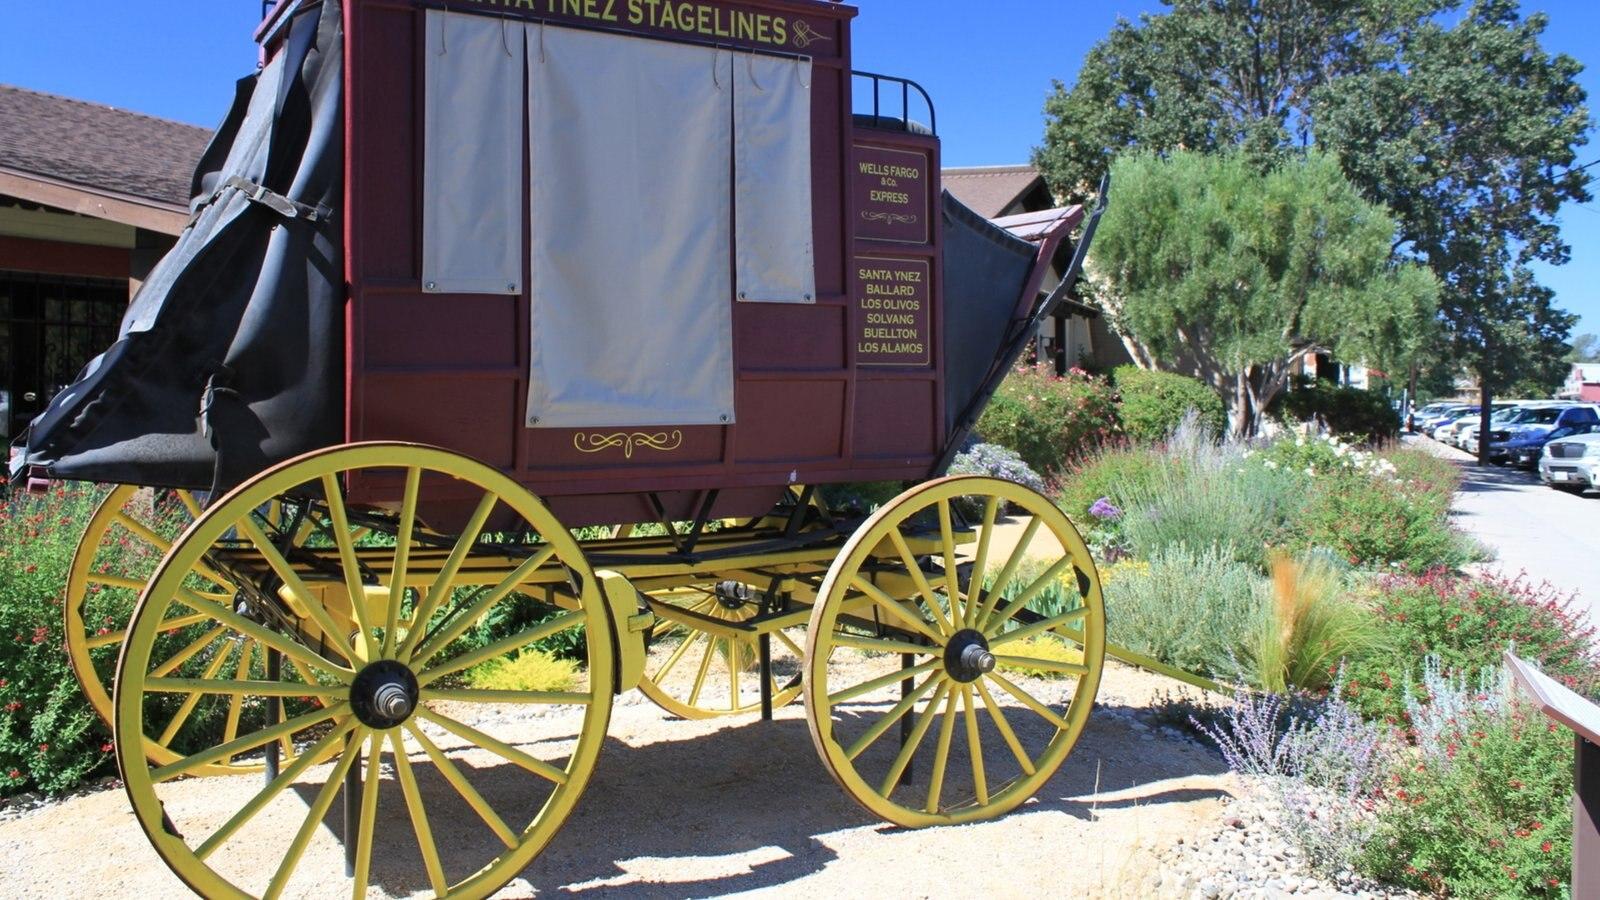 Santa Ynez Valley caracterizando sinalização e elementos de patrimônio